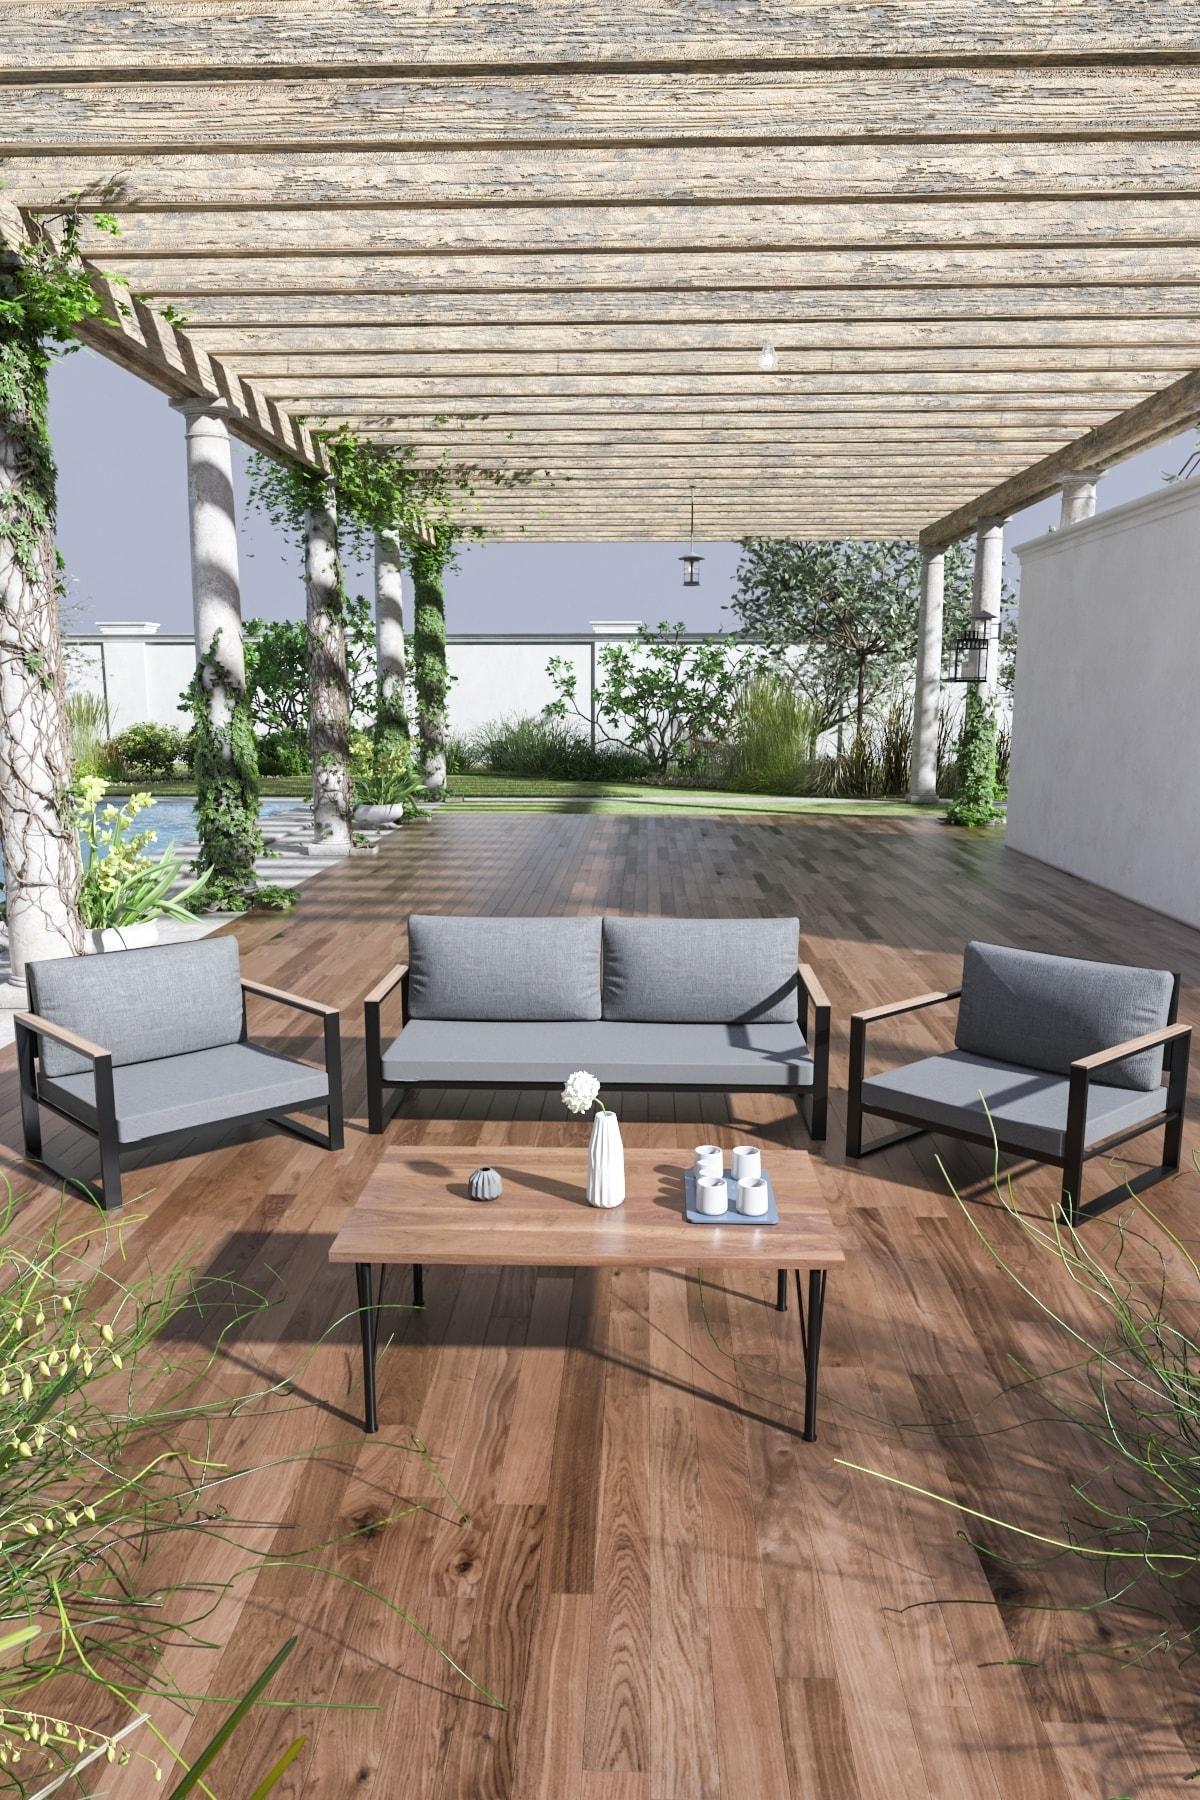 Evdemo Kobalt Bahçe Balkon Oturma Takımı Sehpalı 2+1+1 Gri 1